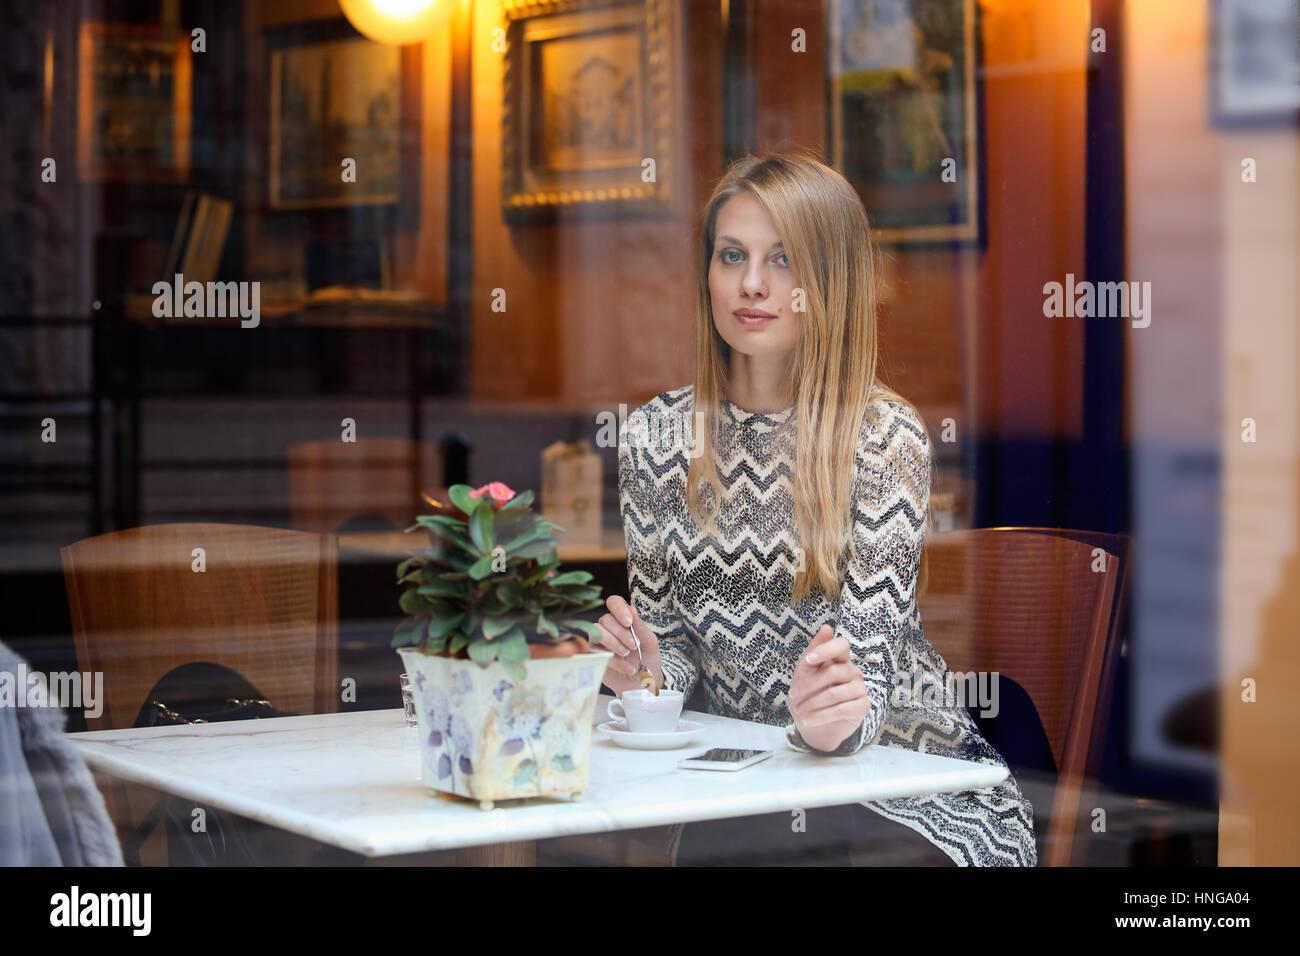 Hermosa mujer elegante en una elegante cafetería de la ciudad. El estilo de vida urbano Foto de stock